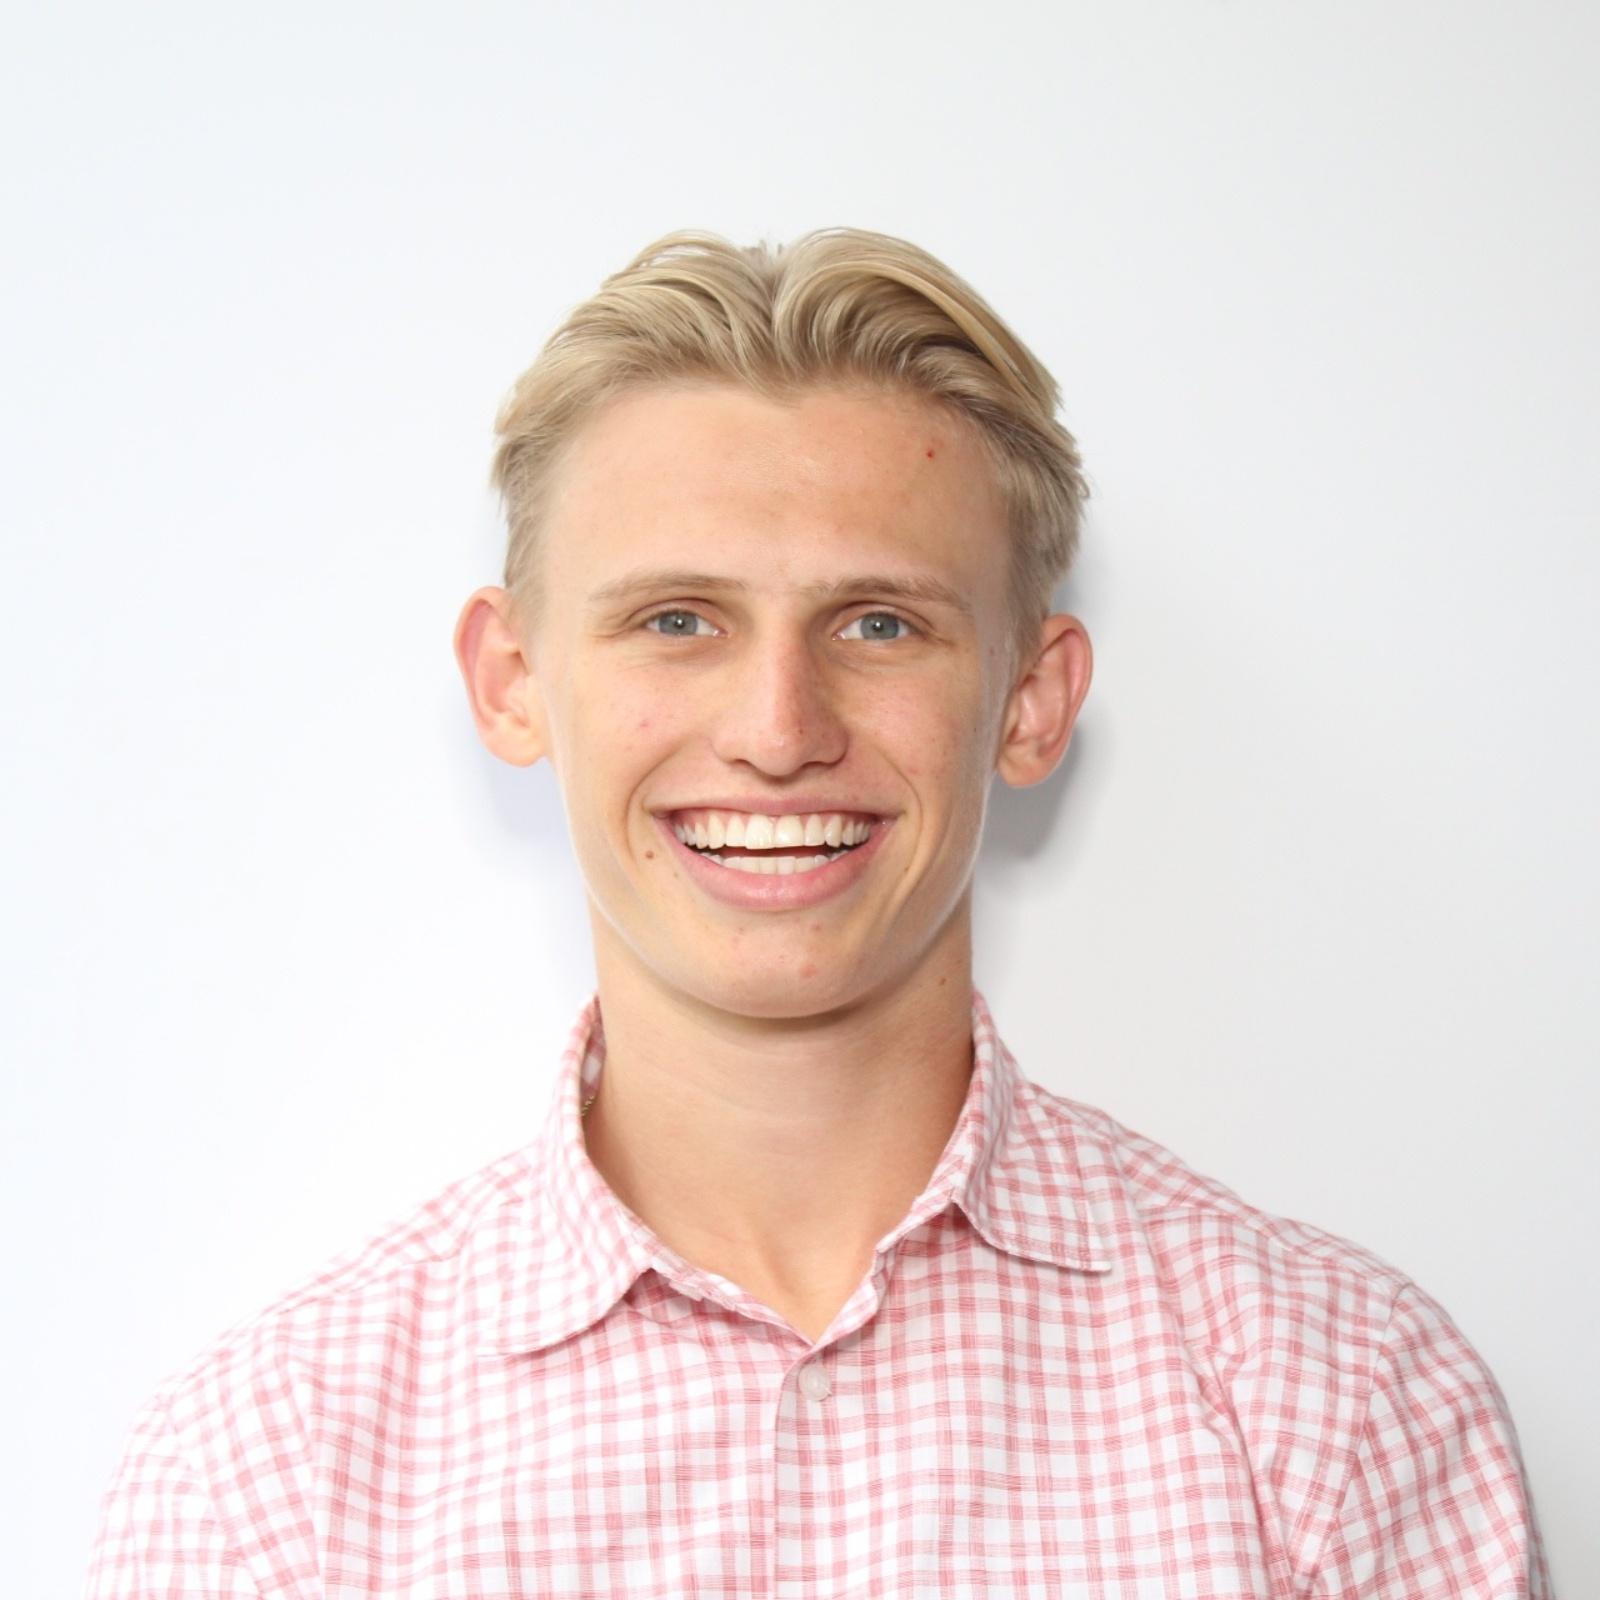 Isaac Esch - Sage Corps 2019 Hong Kong Fellow